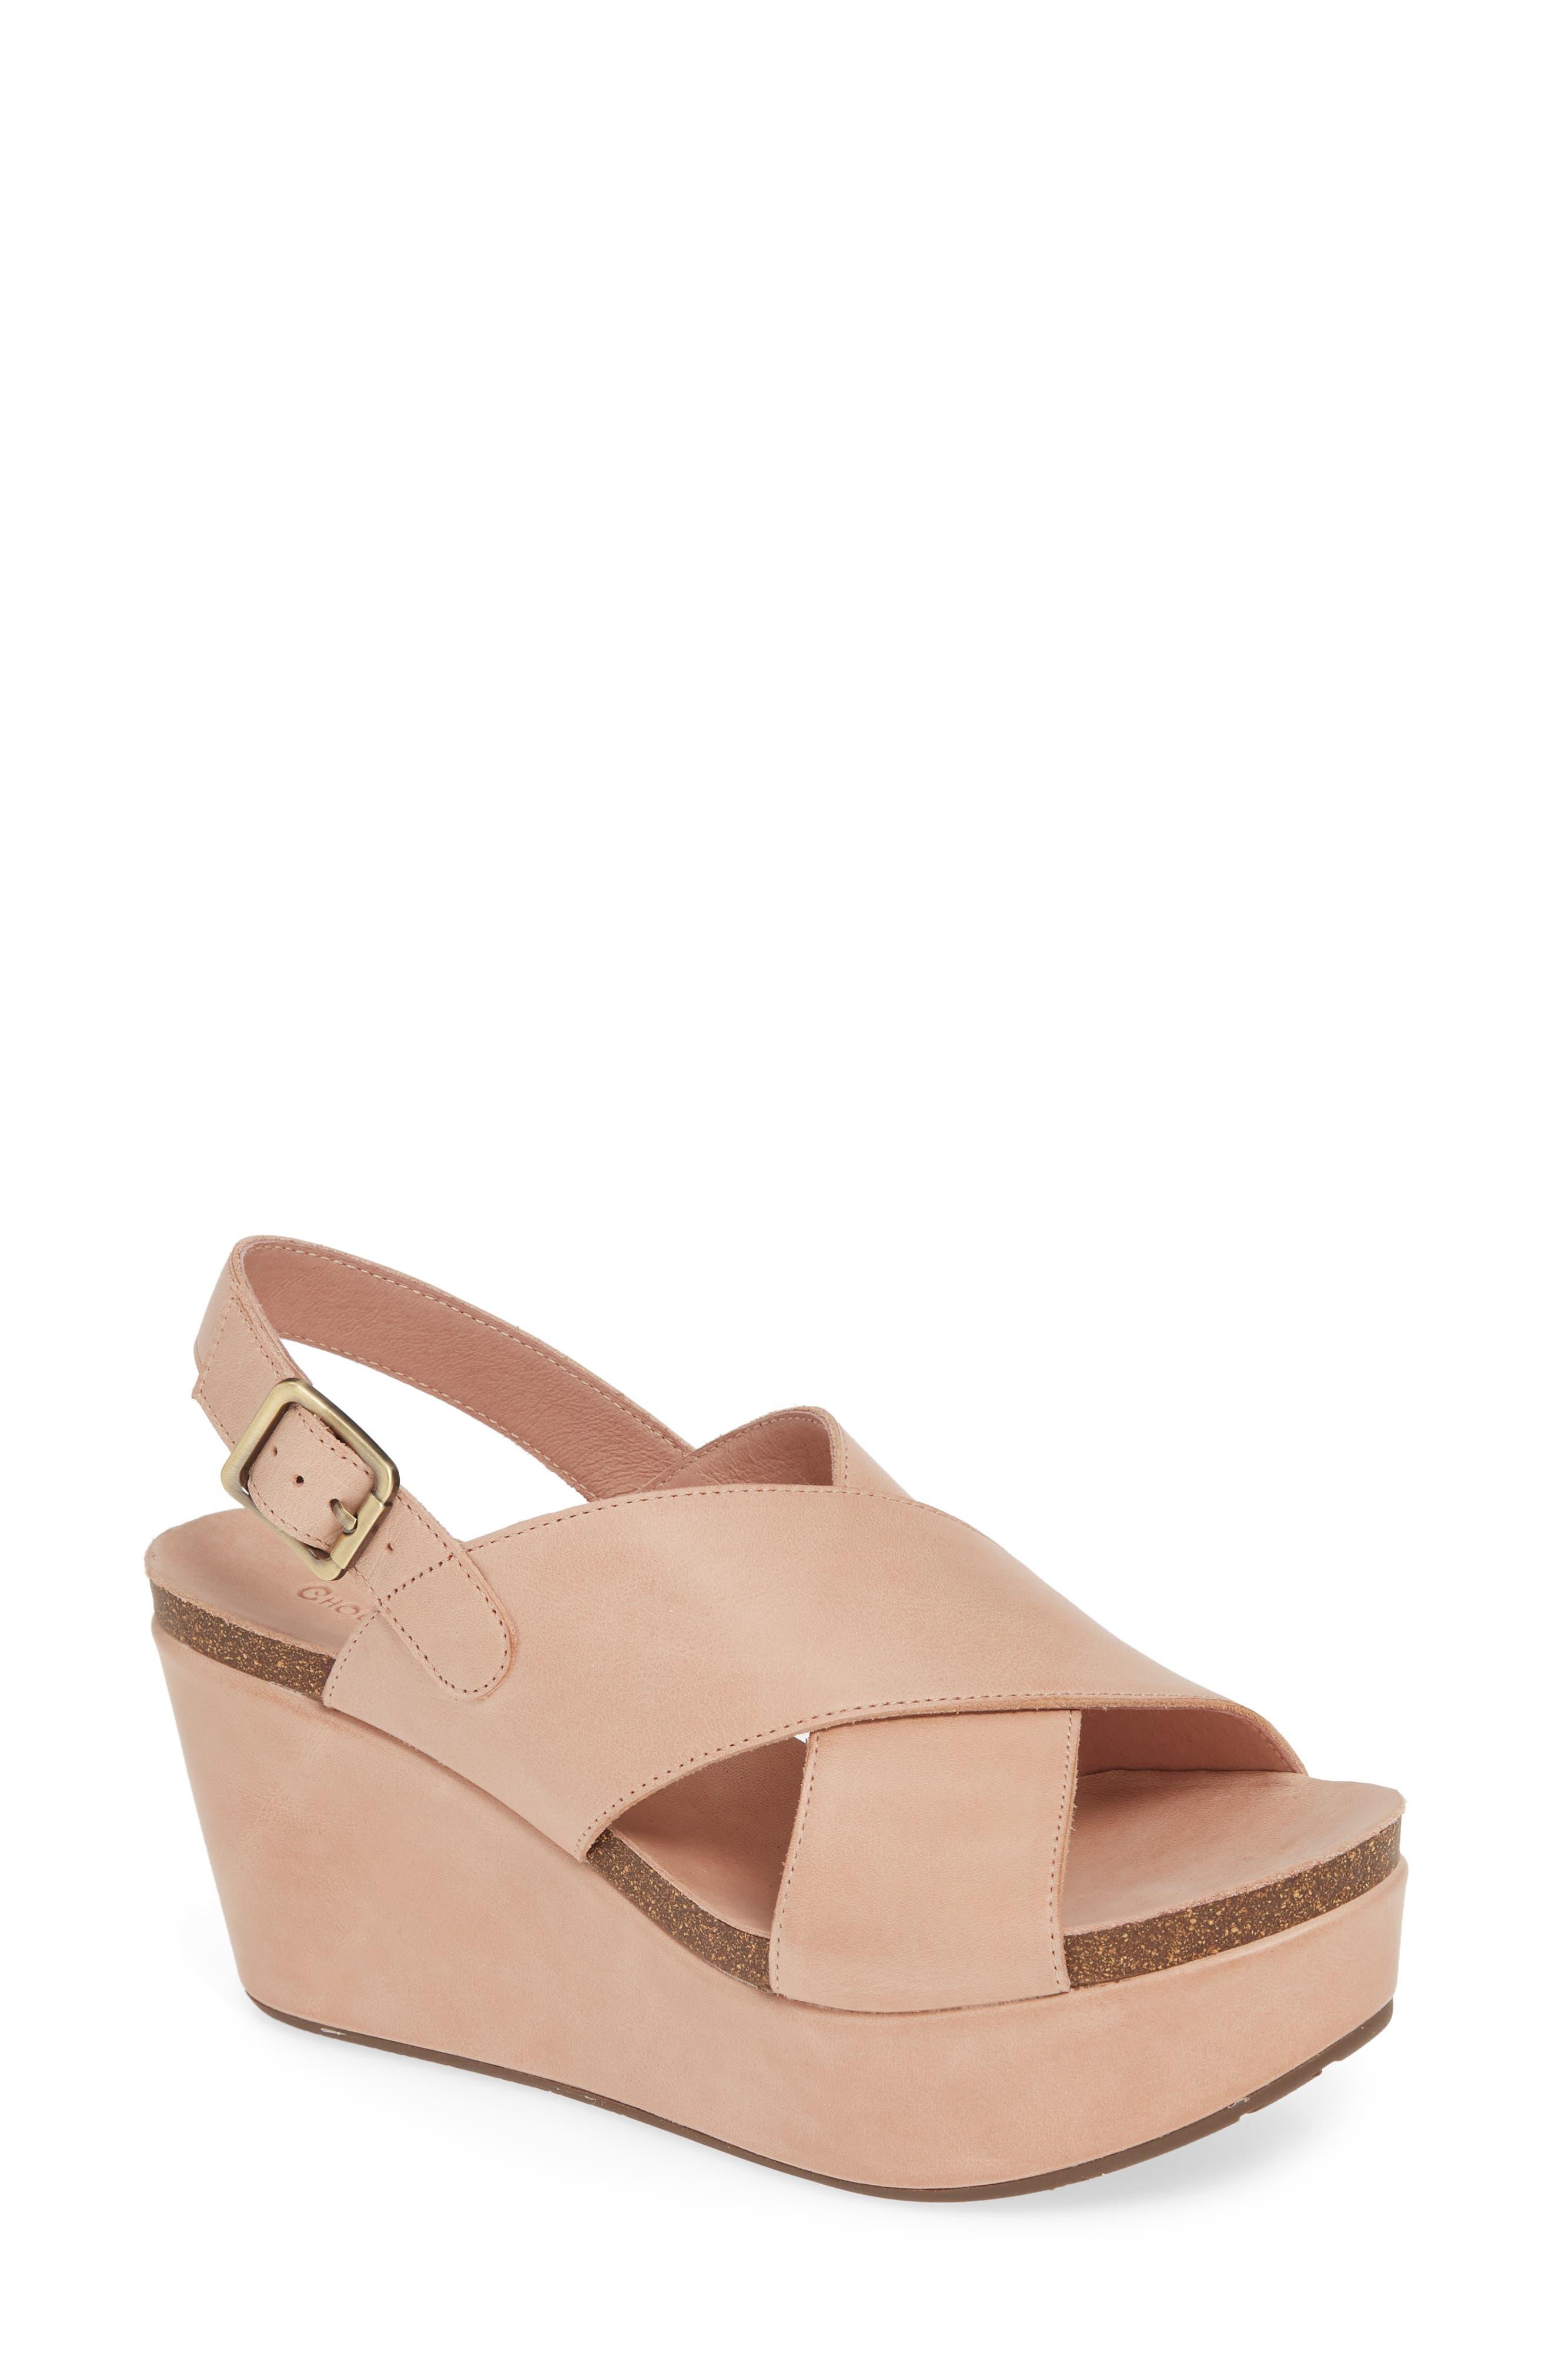 Wink Platform Wedge Sandal